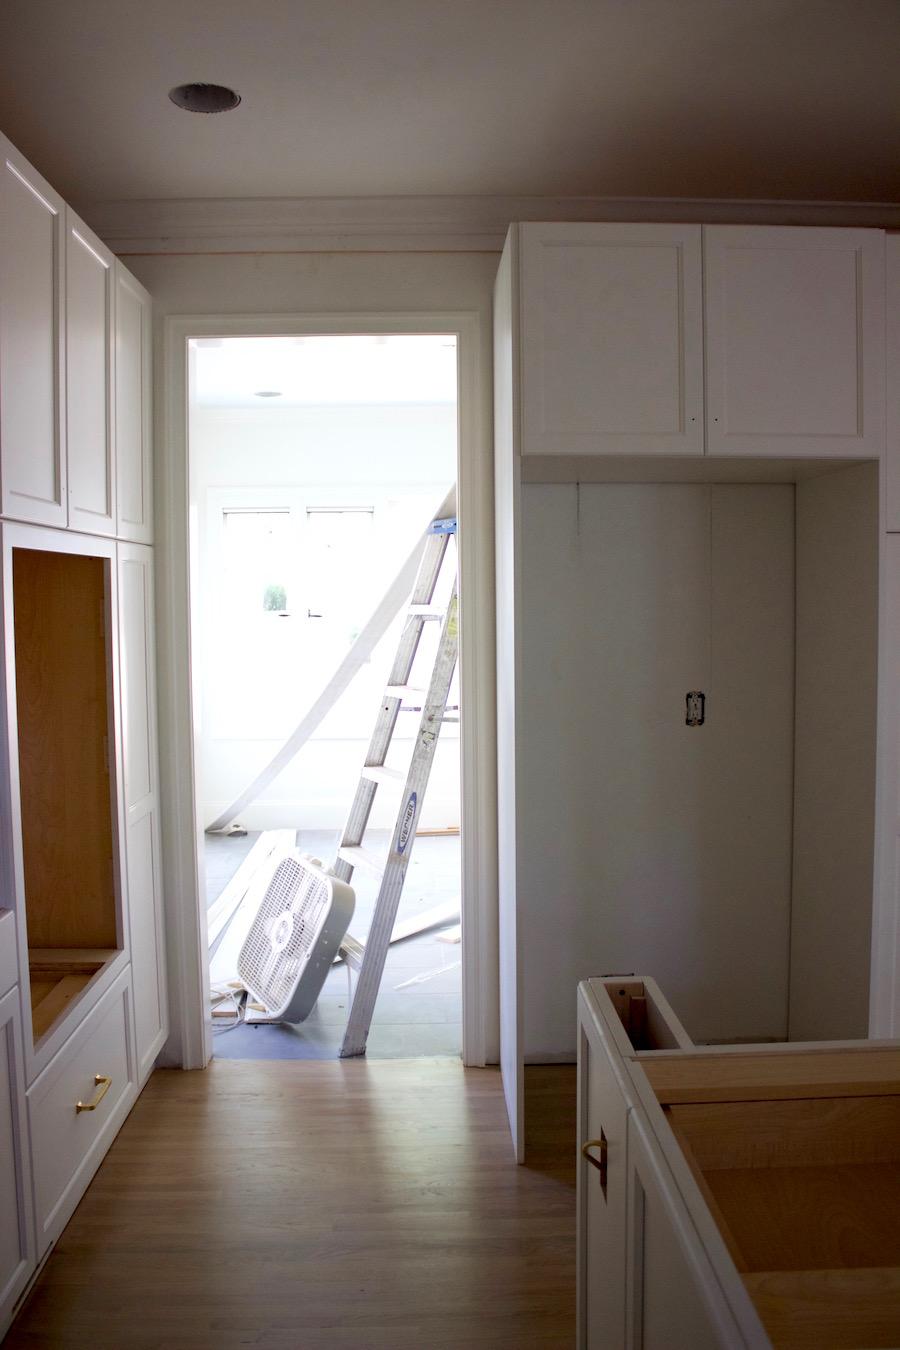 bluedoorliving-renovation-kitchen-progress-5.jpg